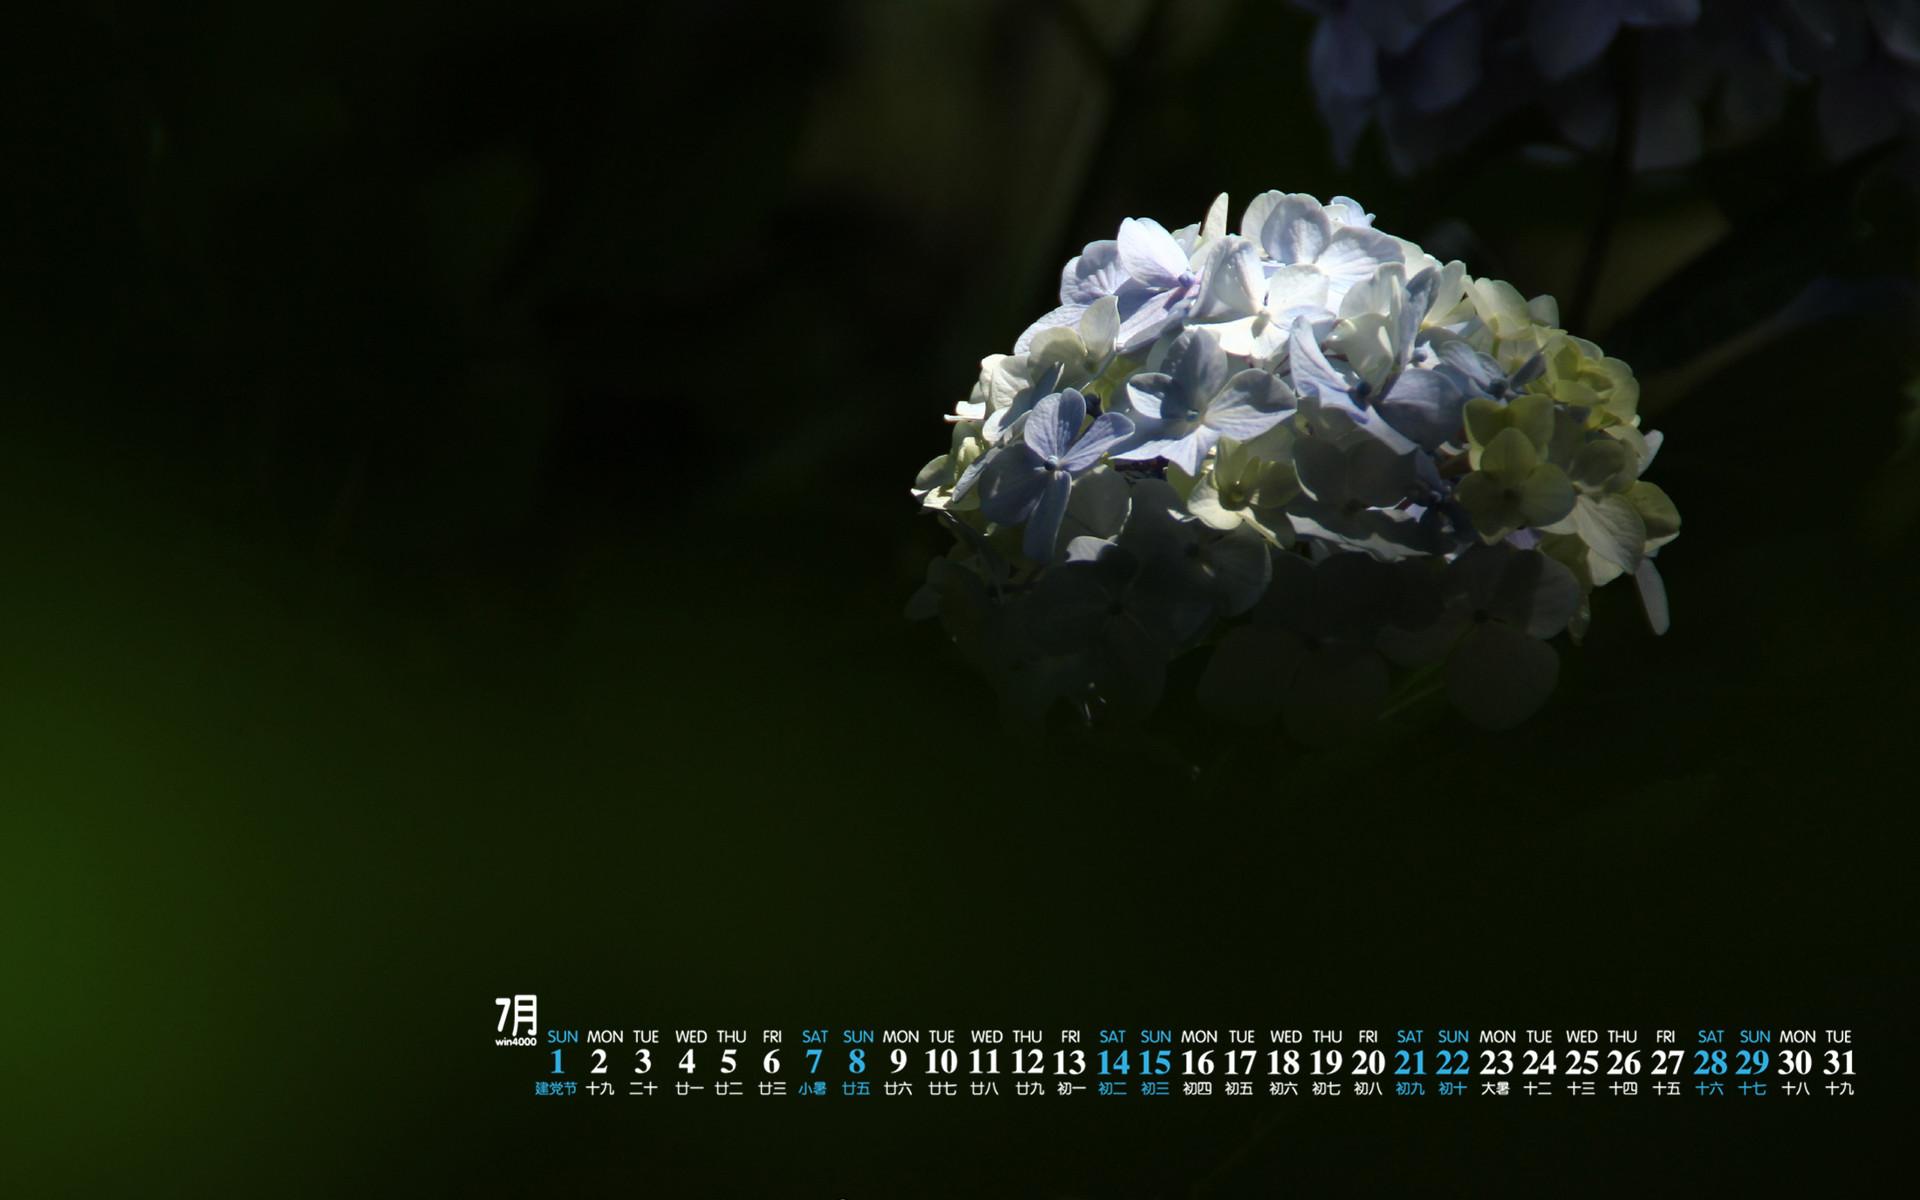 2018年7月唯美紫阳花朦胧高清日历壁纸 Tt98图片网